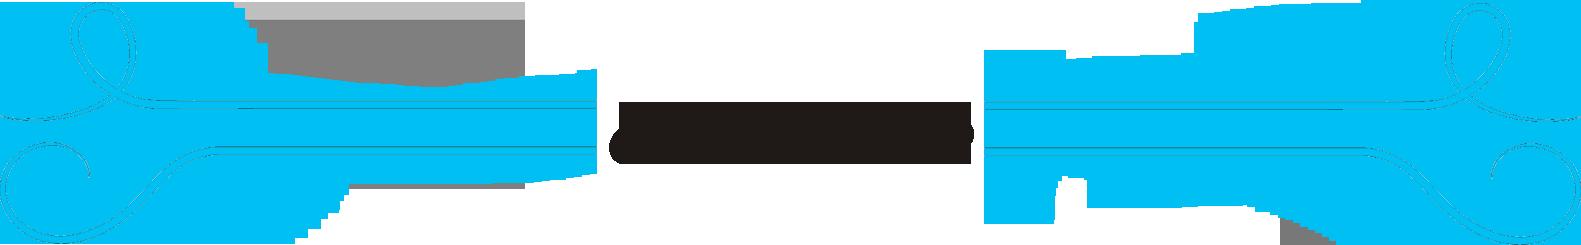 Norman Cob